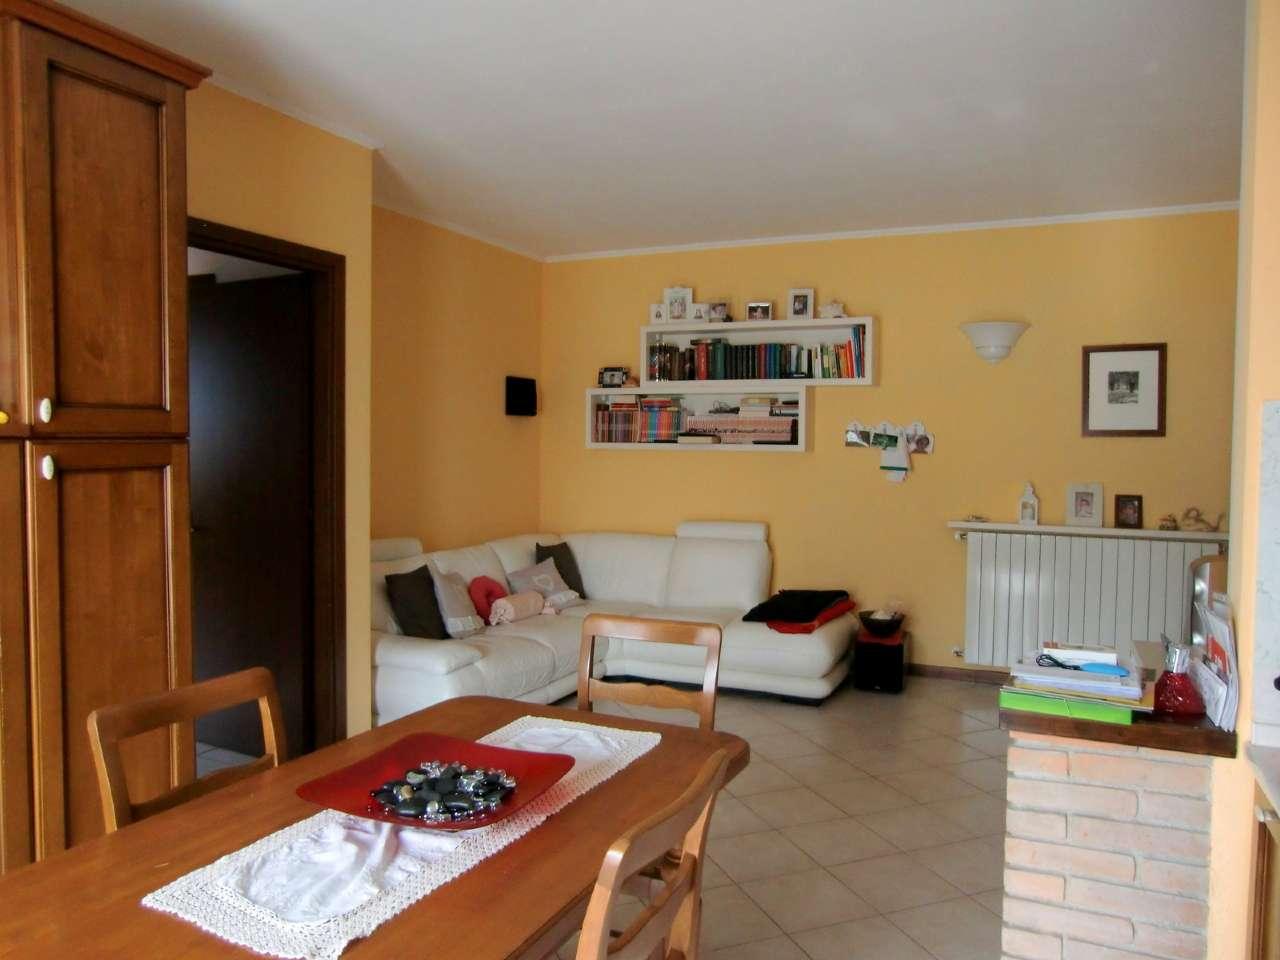 Appartamento in vendita a Paitone, 3 locali, prezzo € 115.000 | PortaleAgenzieImmobiliari.it